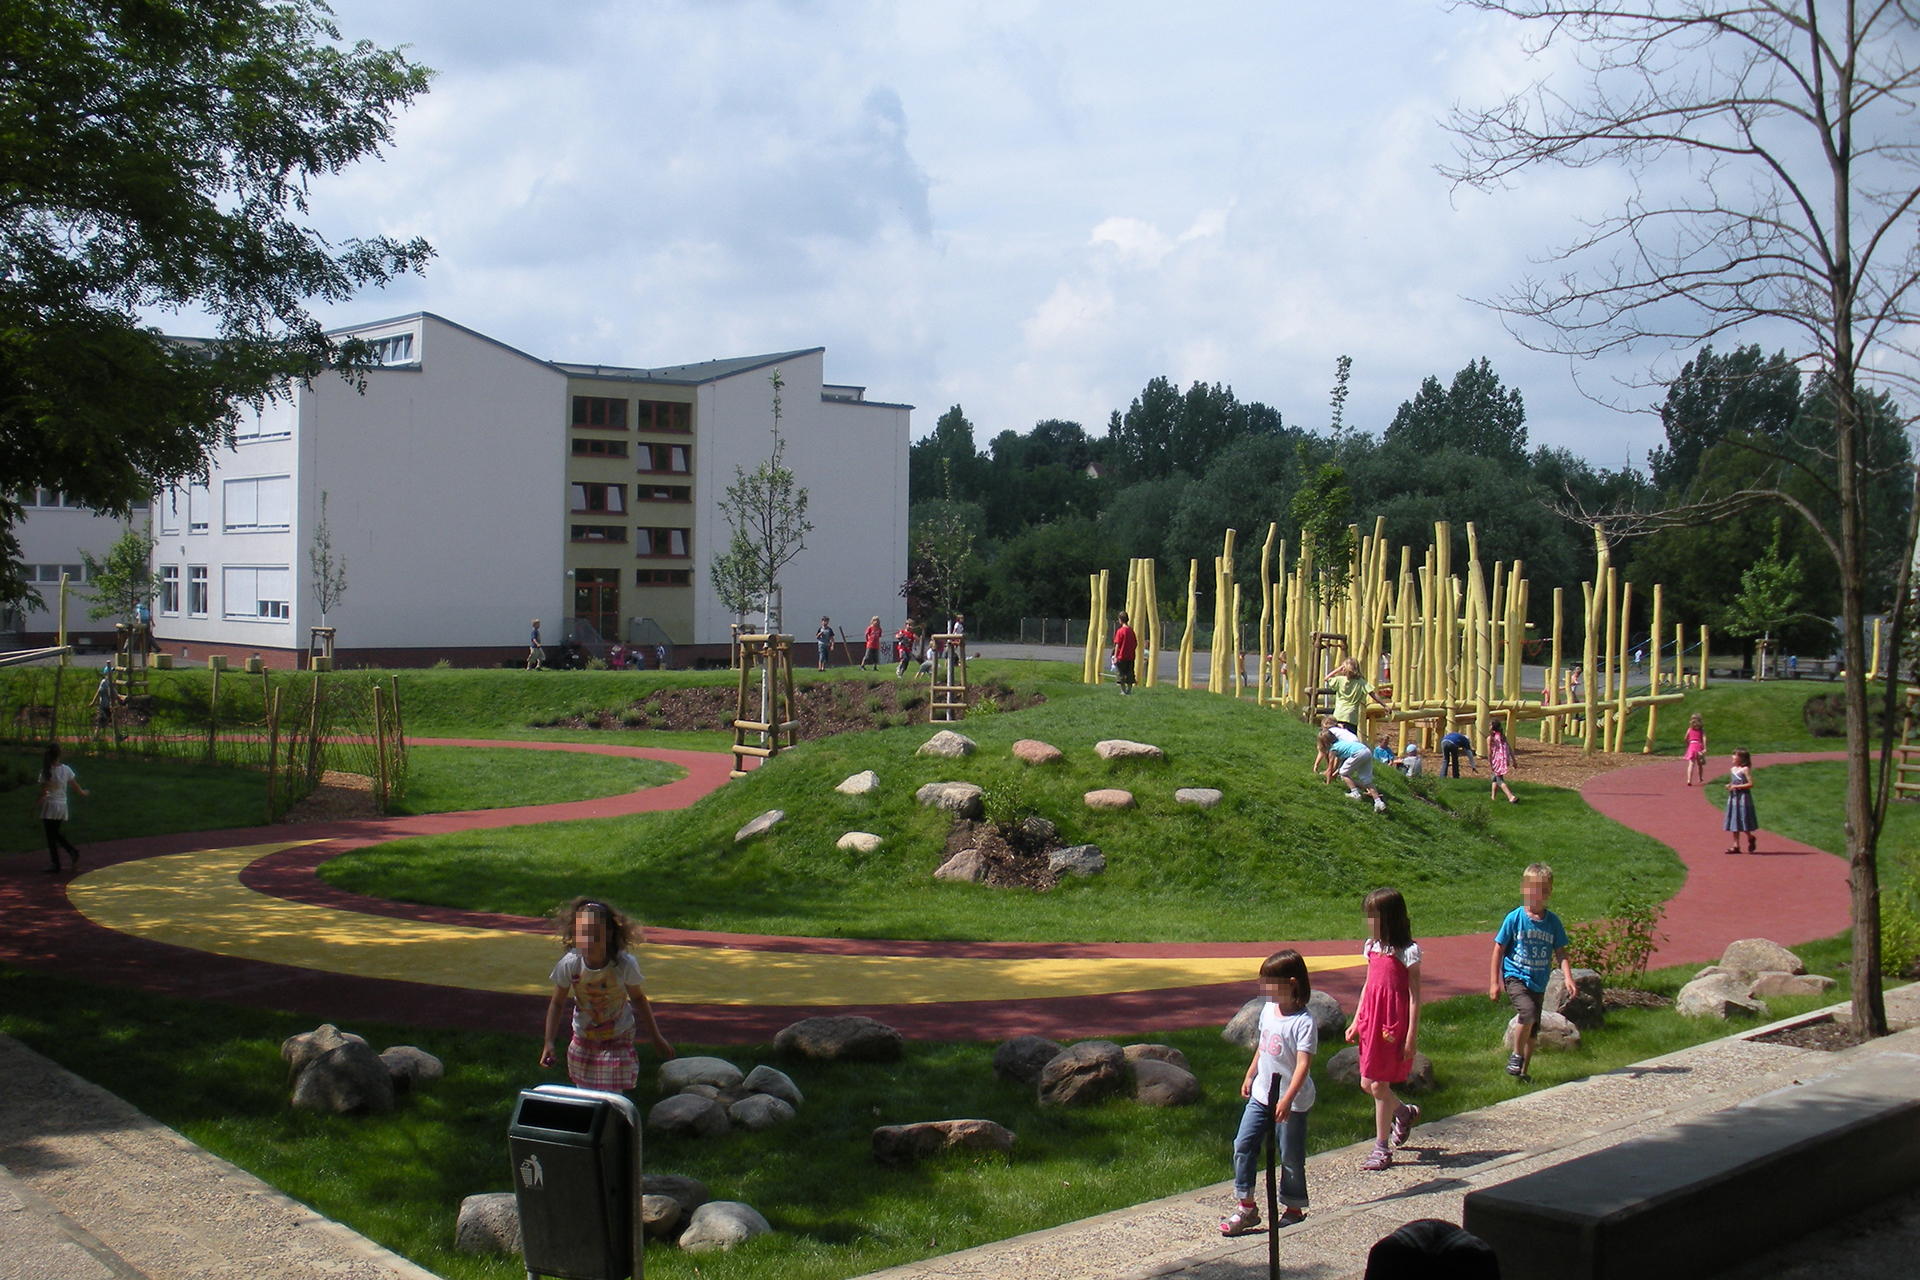 Schulhofspielplatz in Frankfurt Oder